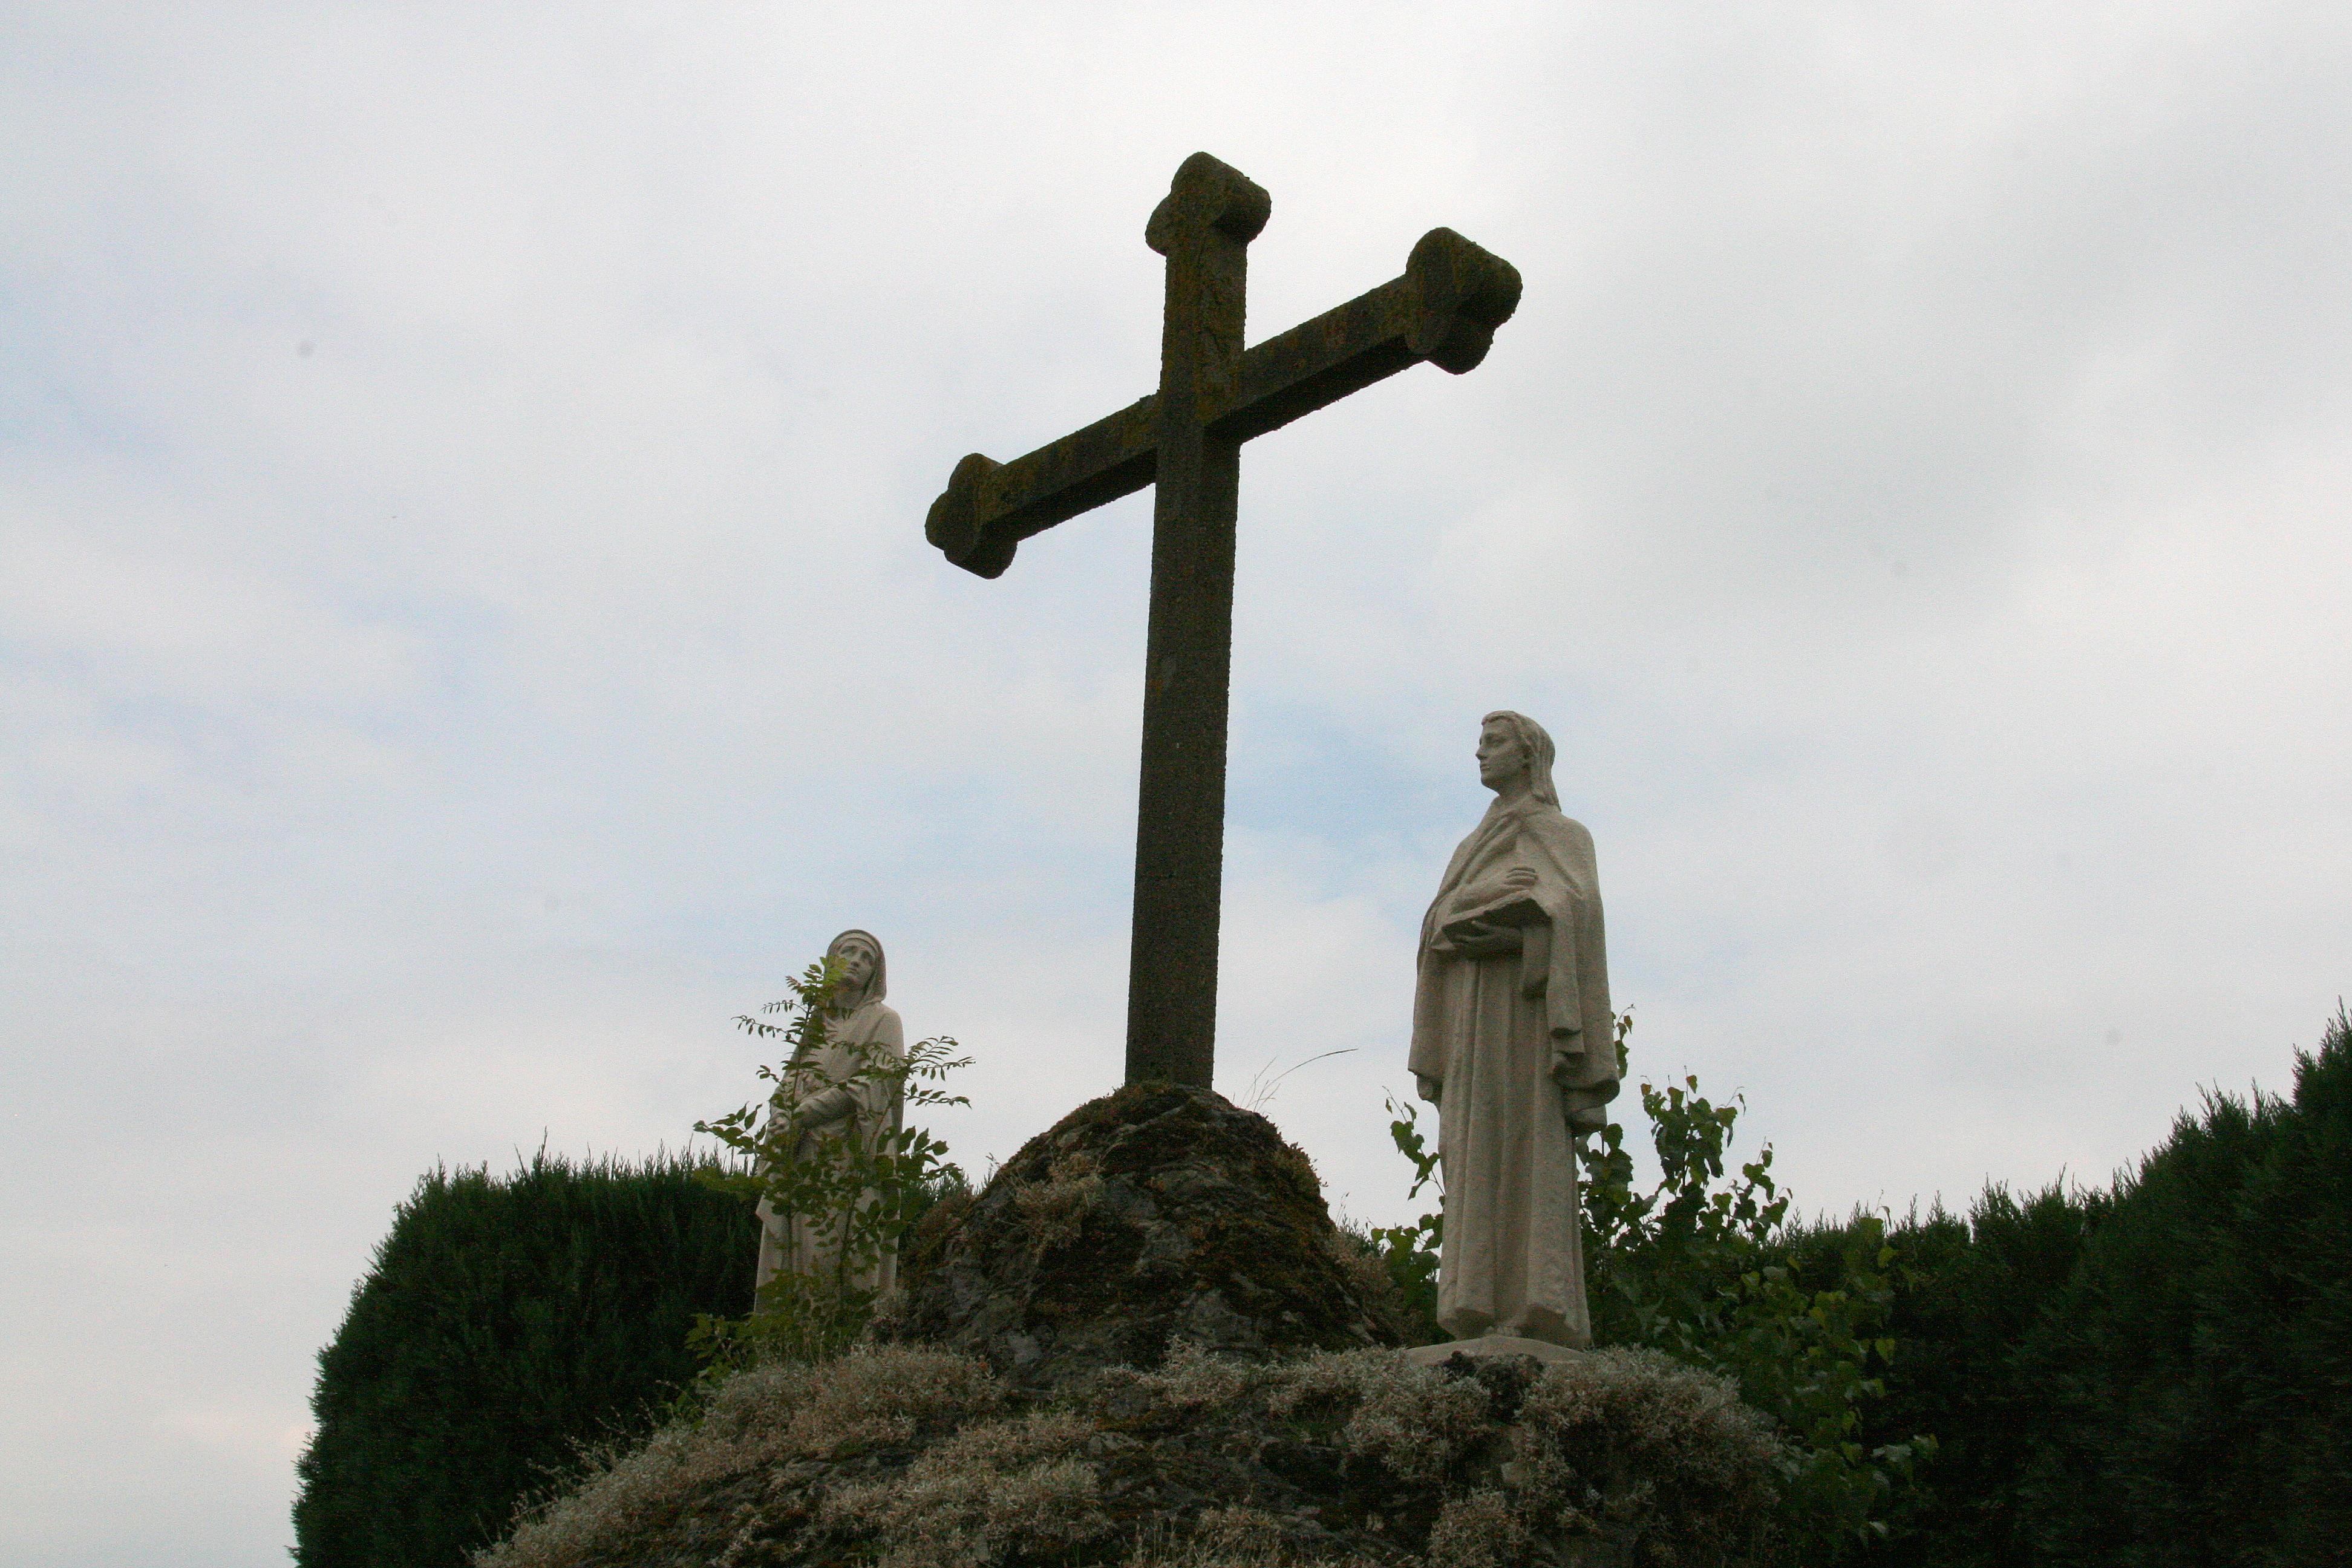 Sint lambertus in vessem monument - Hek begroeide ...